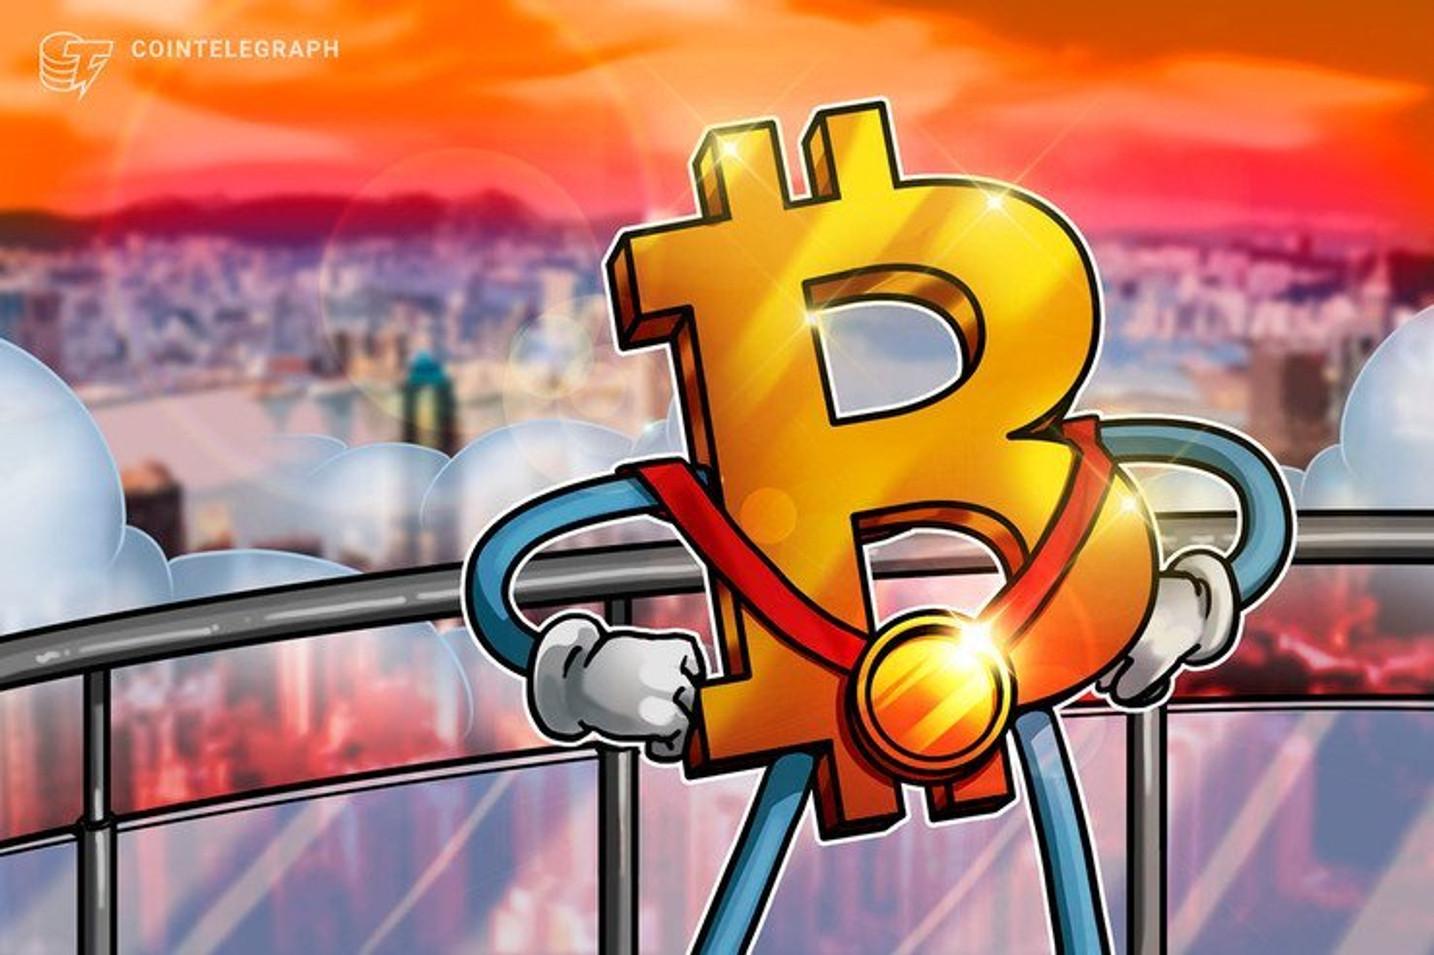 'Bitcoin deveria ser visto como um seguro contra catástrofes', afirma trader veterano Peter Brandt